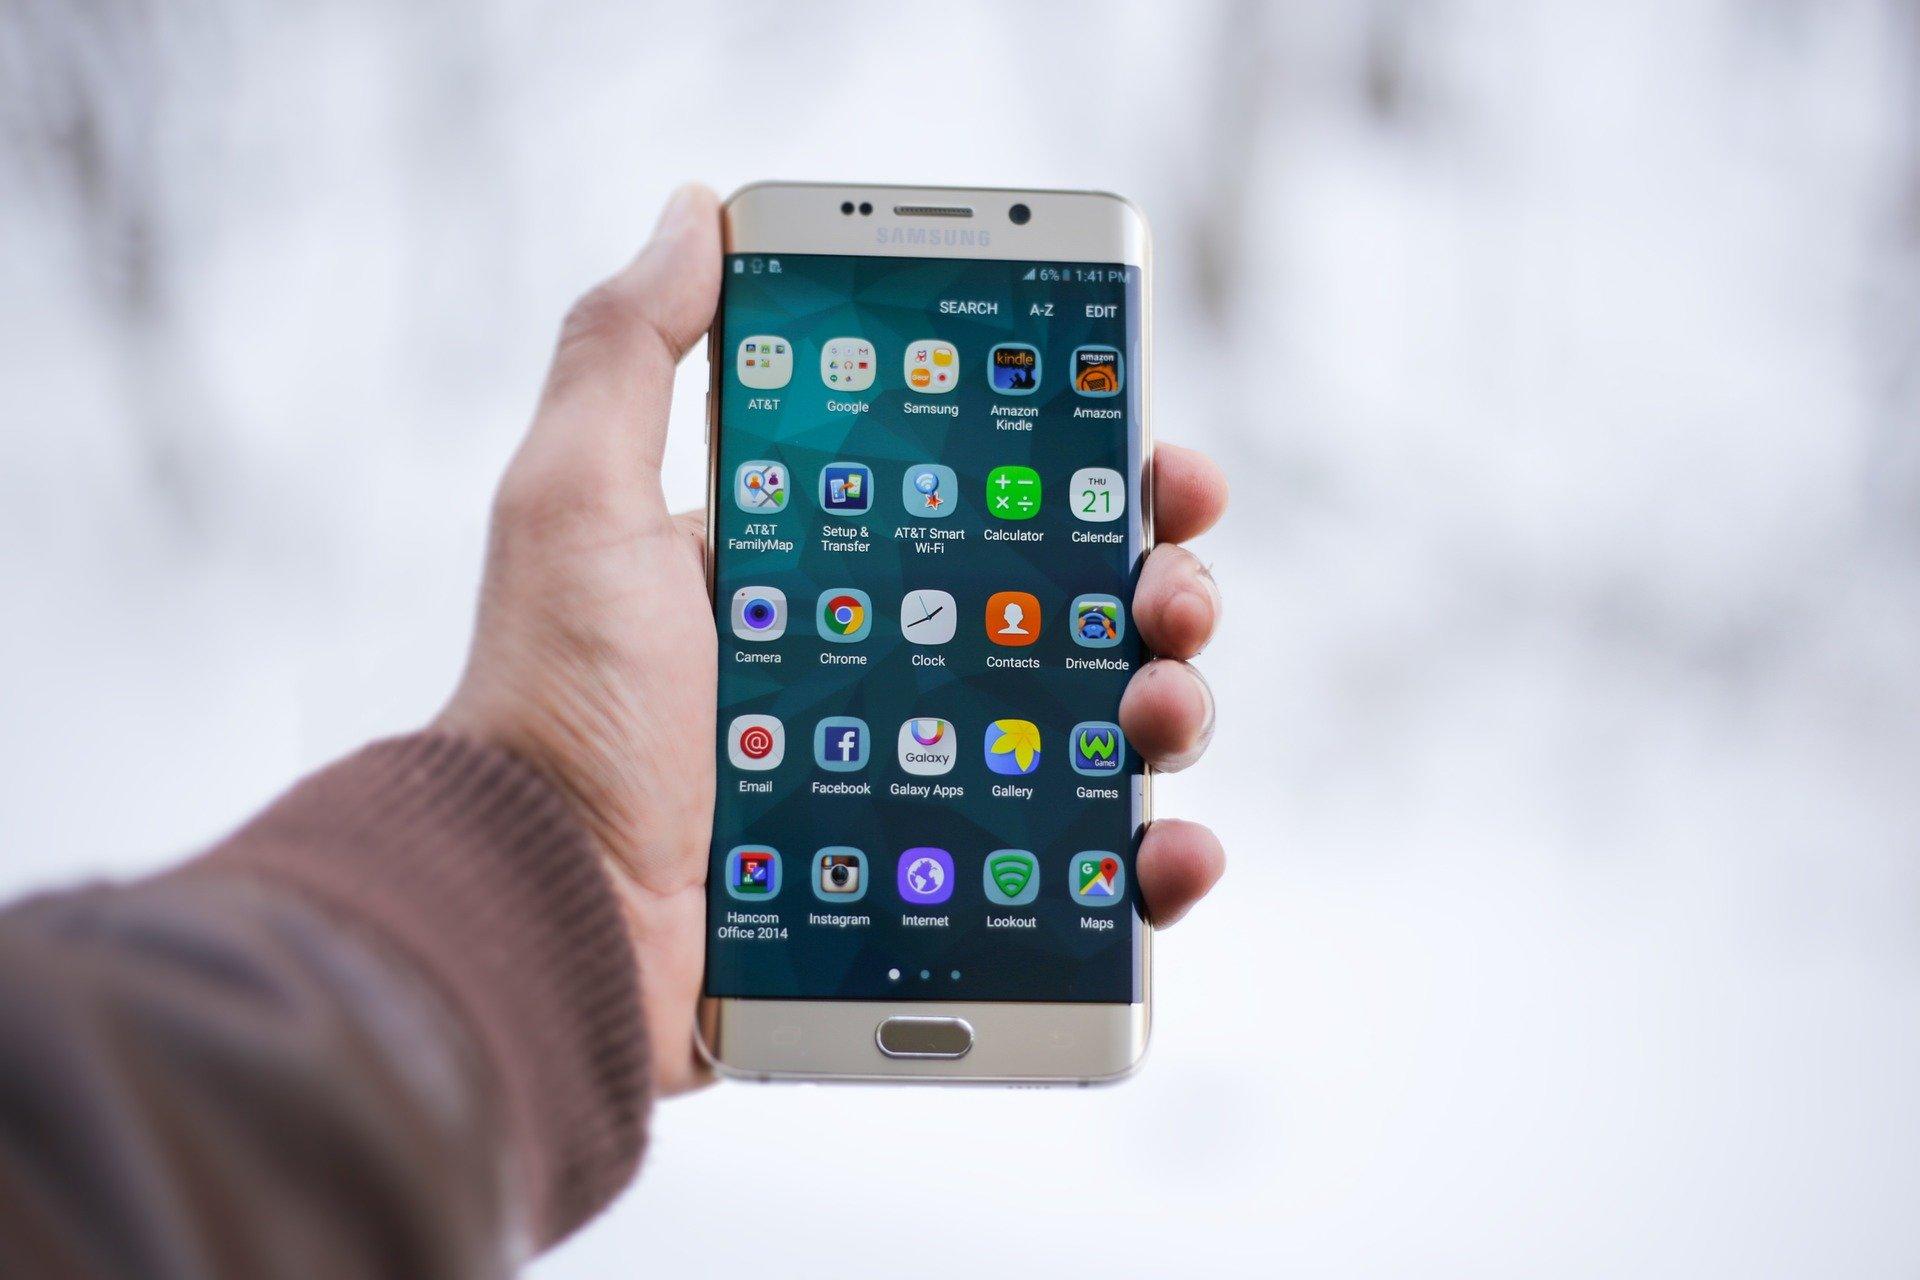 Android : désinstallez d'urgence ces 9 applications, elles vident votre compte bancaire ! - Journal du geek